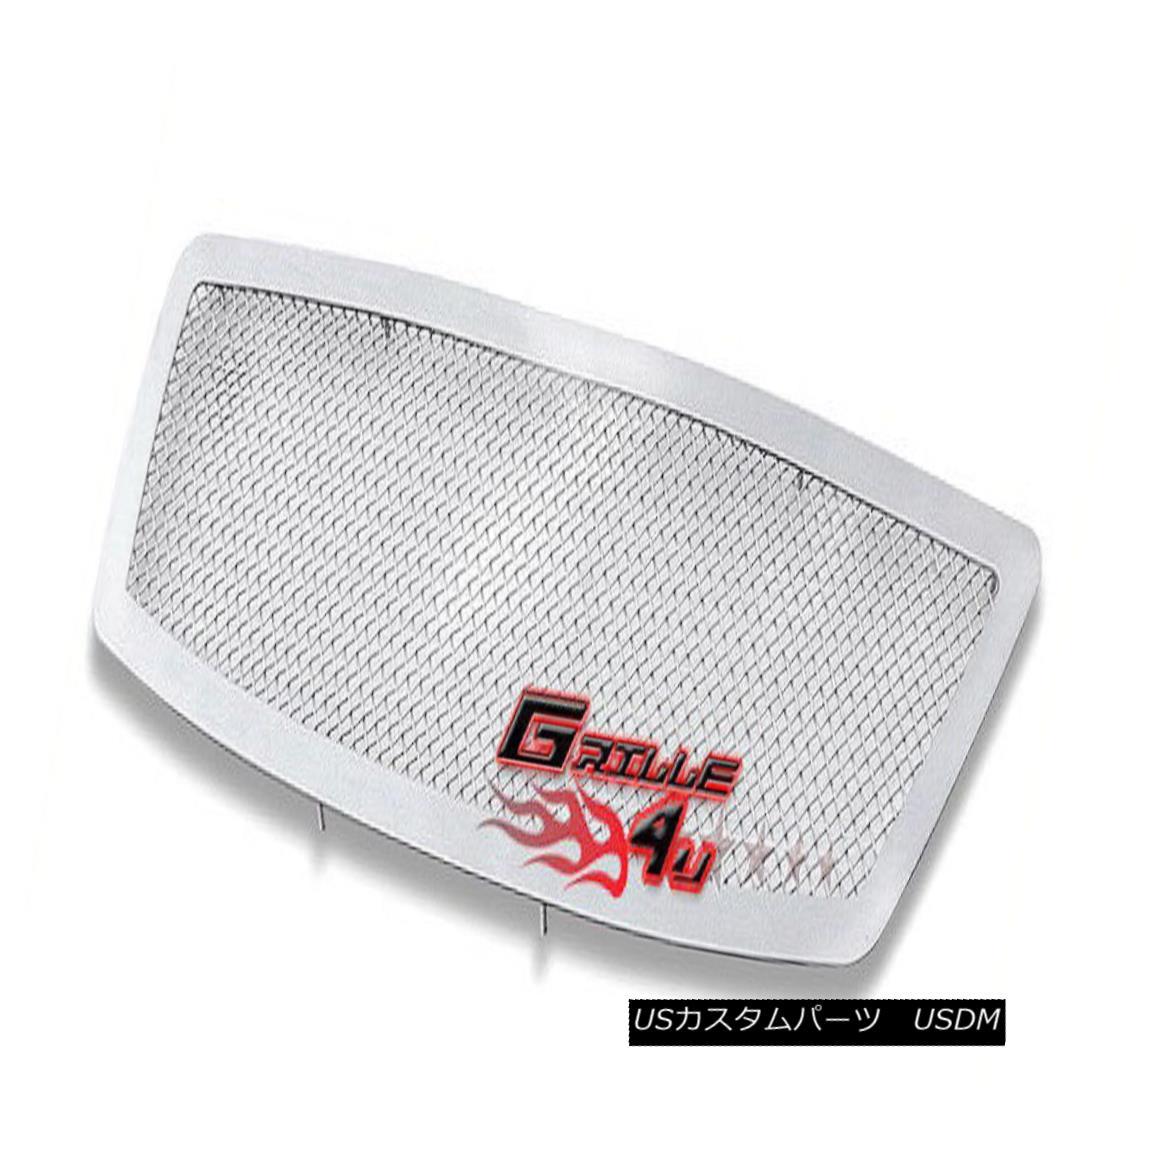 グリル For 03-05 Infiniti FX35/ FX45 Stainless Mesh Premium Grille Insert 03-05インフィニティFX35 / FX45ステンレスメッシュプレミアムグリルインサート